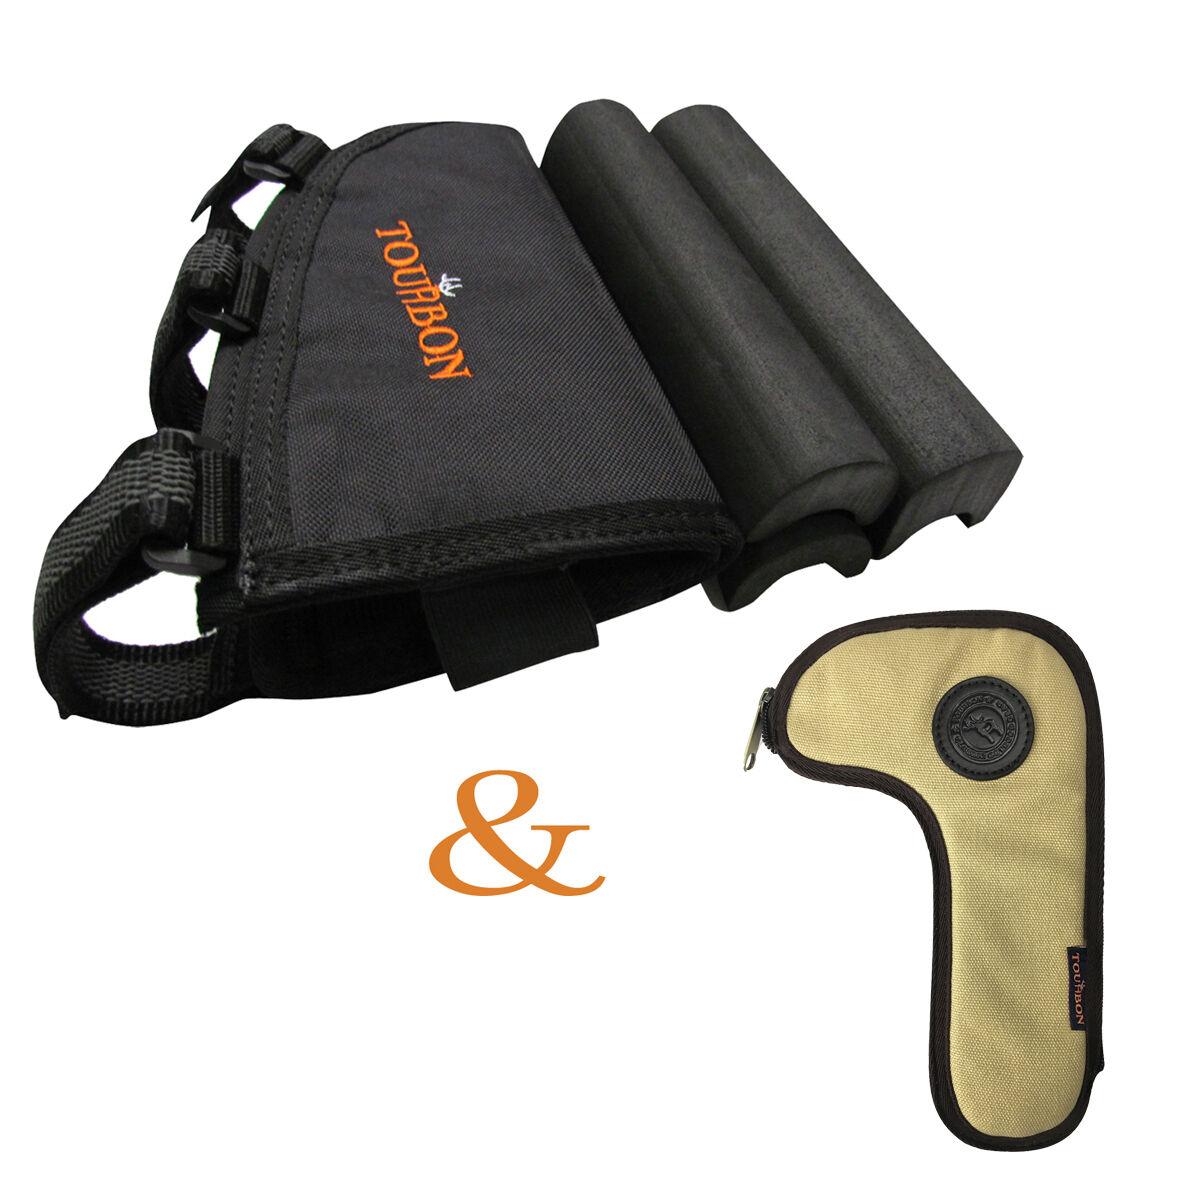 Tourbon Gun Cheek Rest Piece Pad Ammo Pouch & Bolt Holder Holster Rifle Hunting